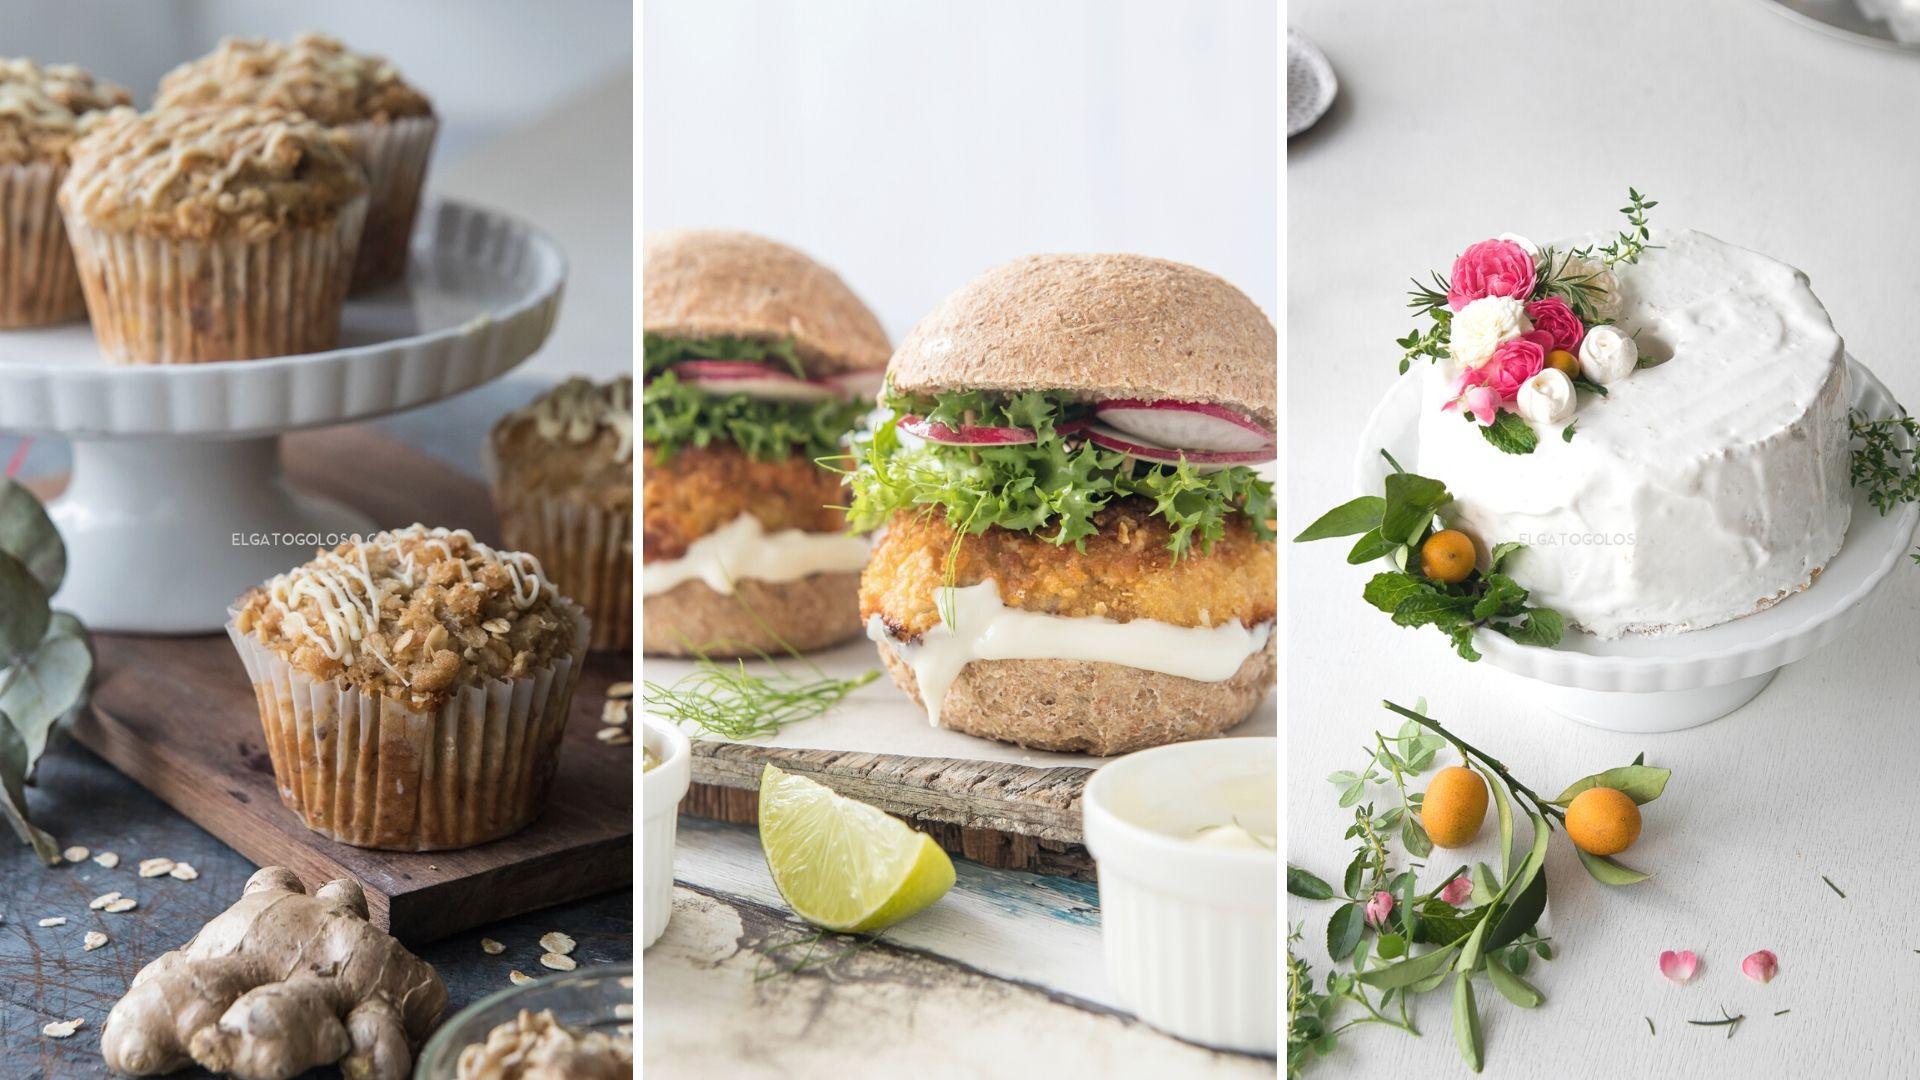 fotografia culinaria curso online